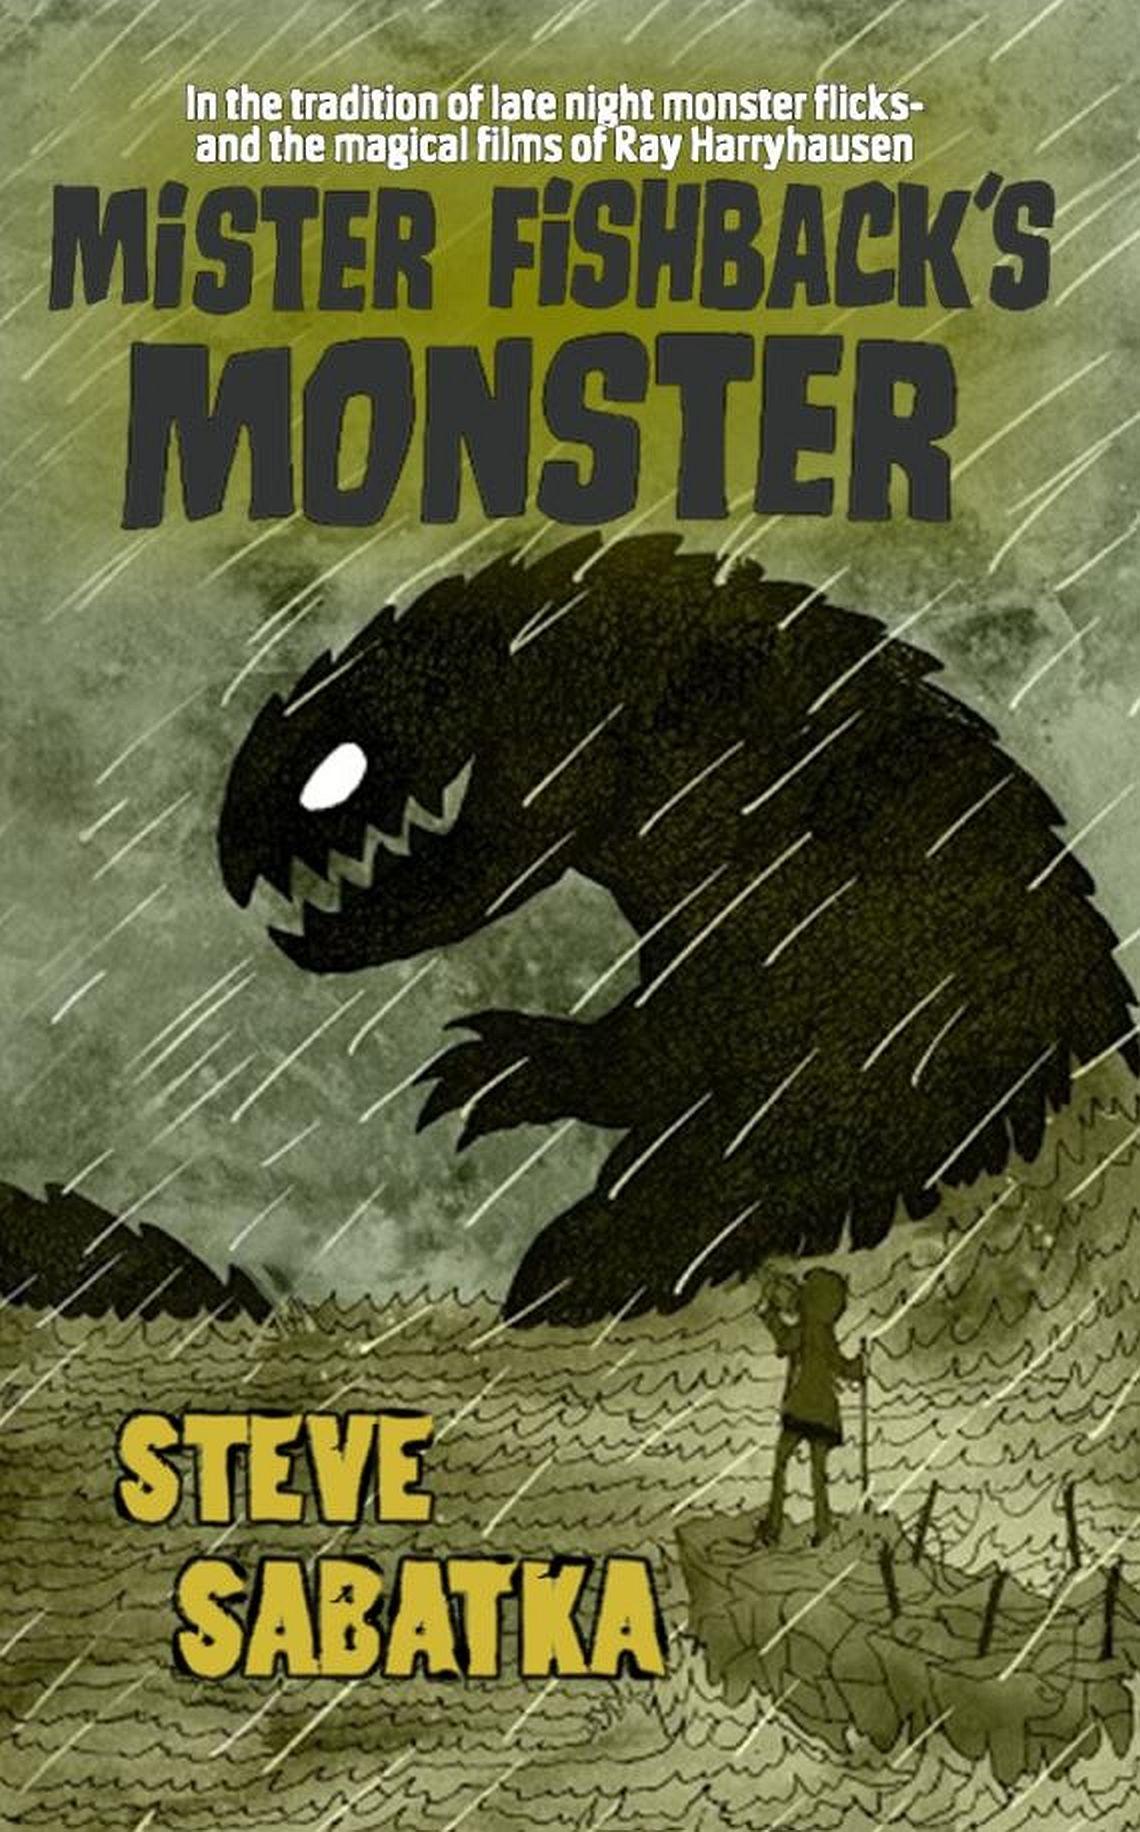 Mister Fishback's Monster